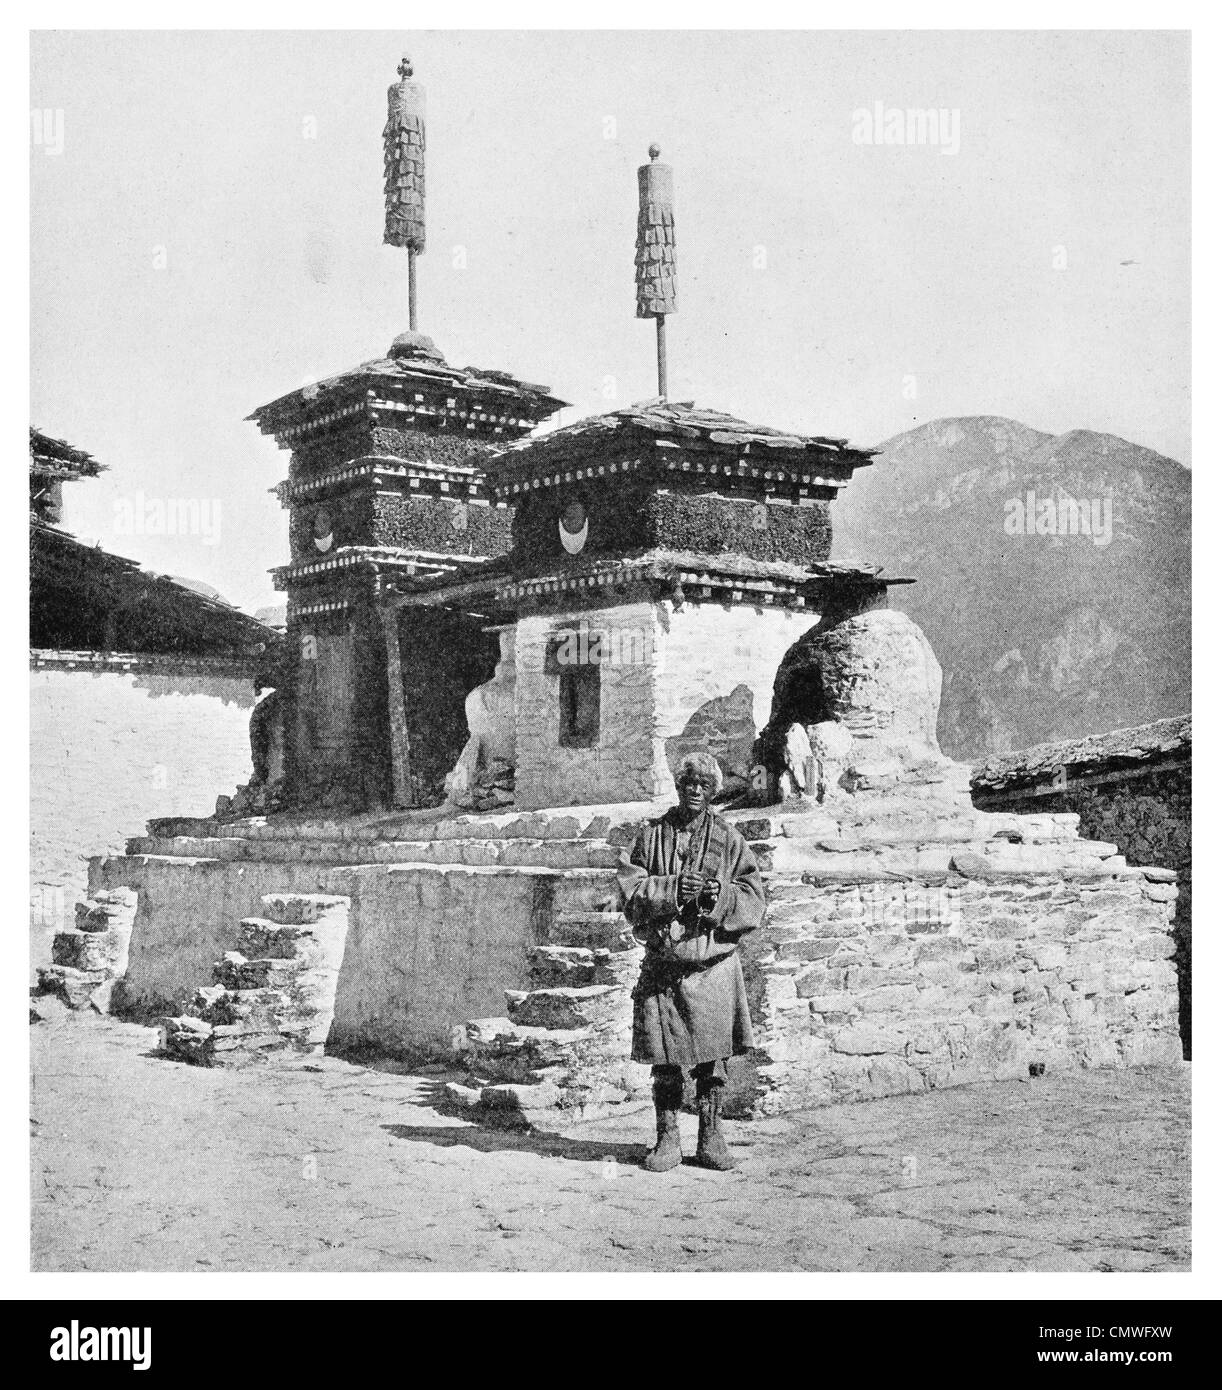 1925 Chimney Palace of Muli Villager Yellow hat Lama - Stock Image